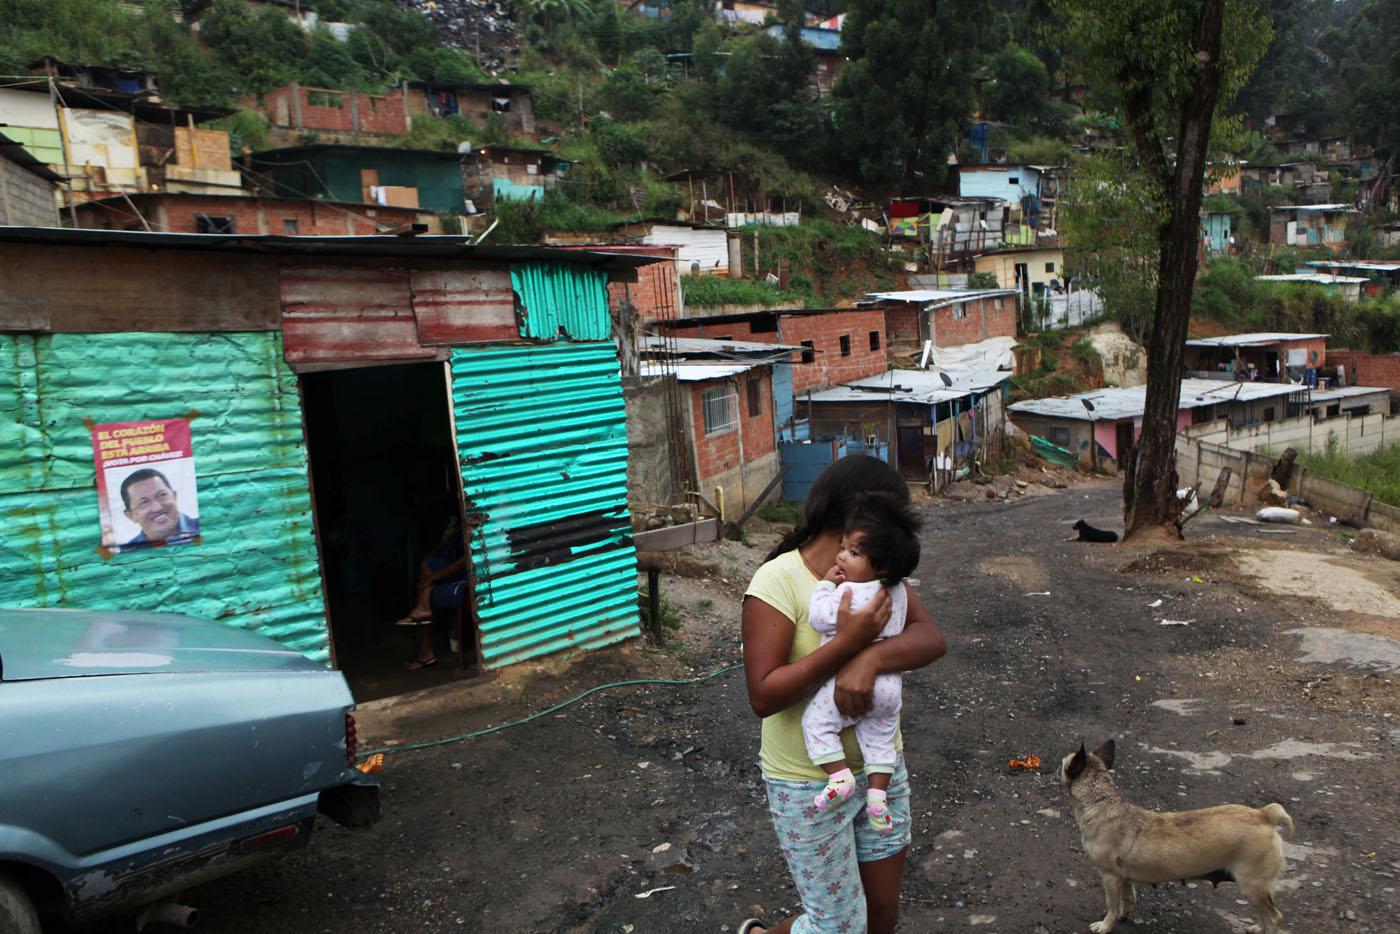 TSJ - Dictadura de Nicolas Maduro PobrezaVzla